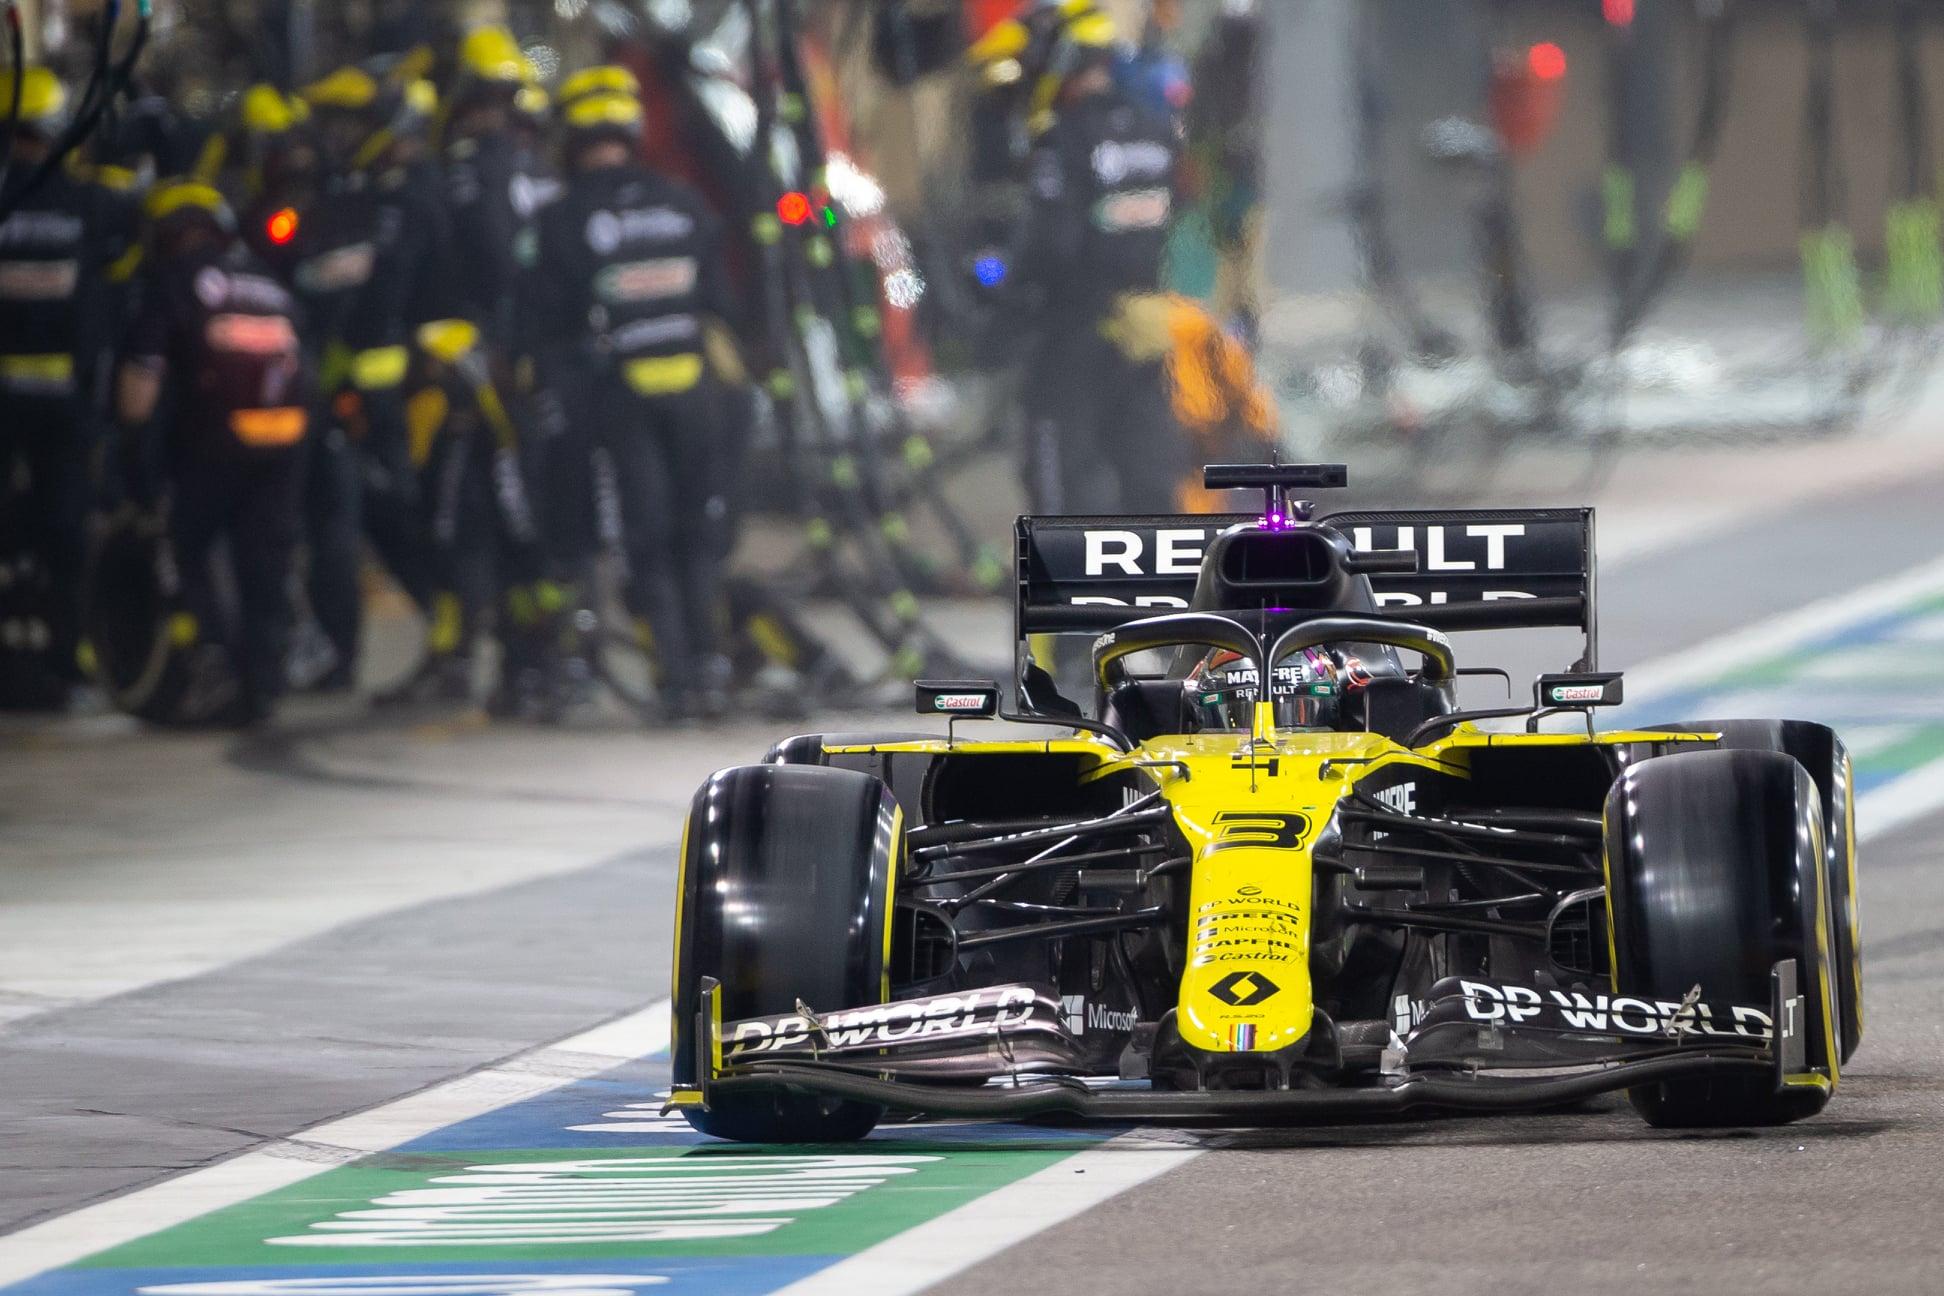 D. Ricciardo: fiksuotas greičiausias lenktynių ratas - puikus būdas atsisveikinti su komanda